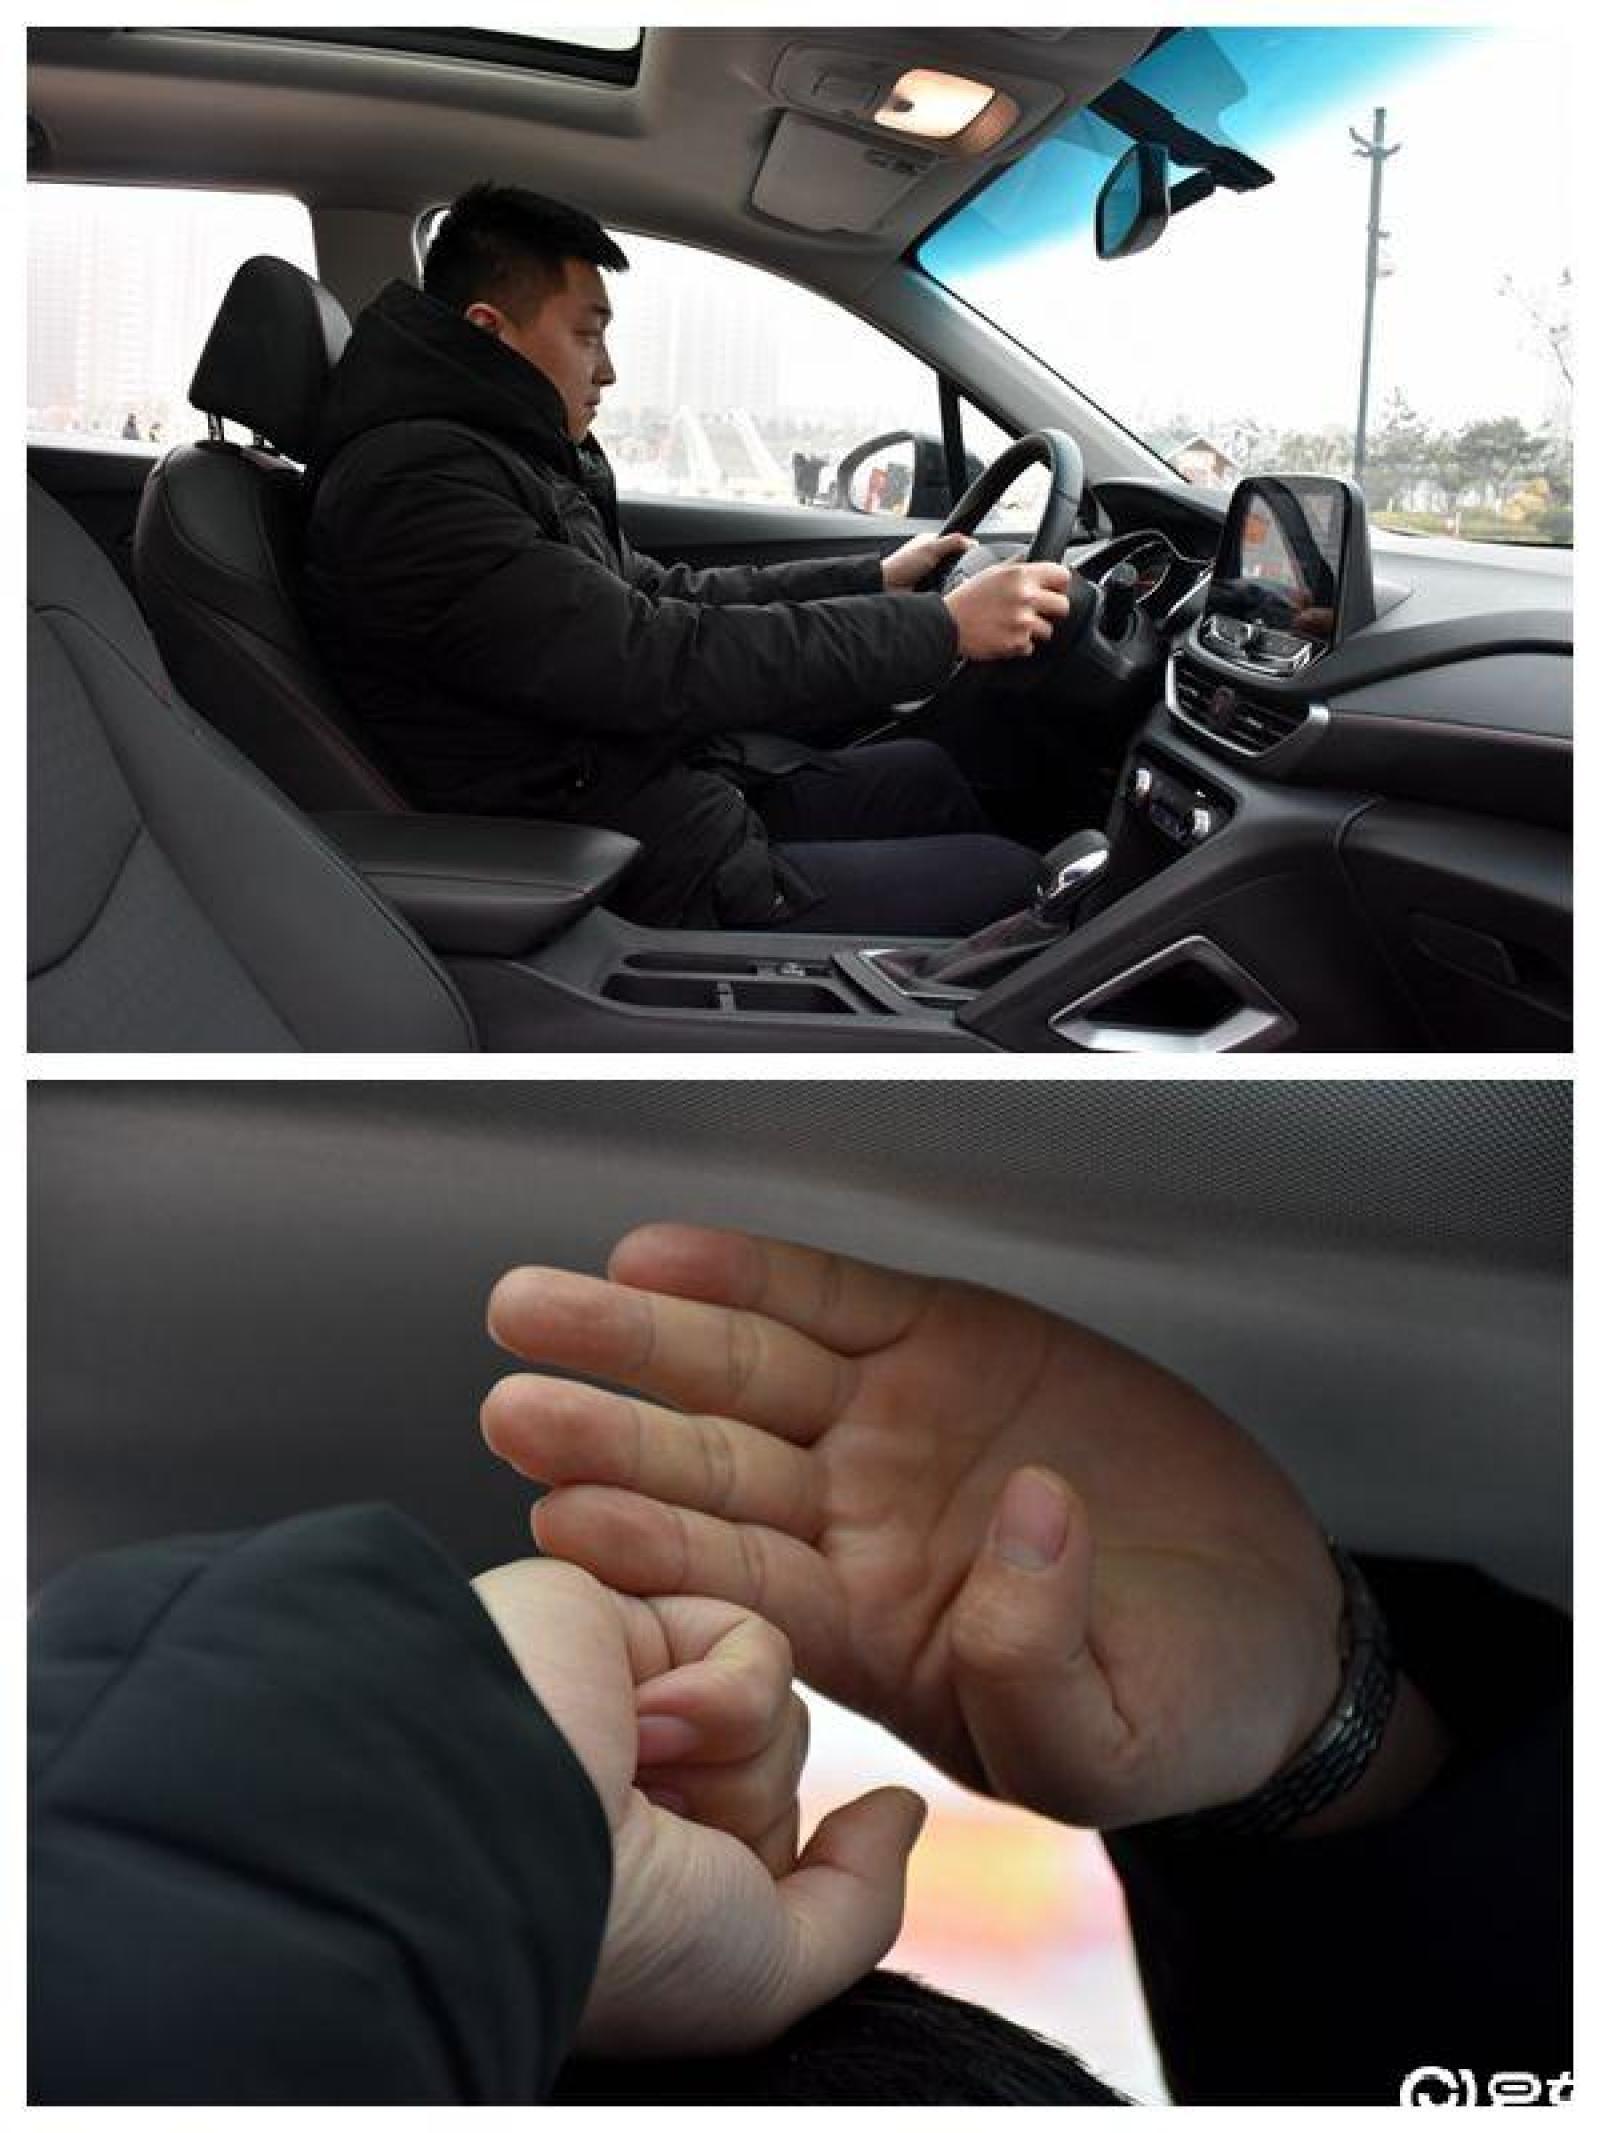 【穿越说车】---户外试驾雪佛兰沃兰多